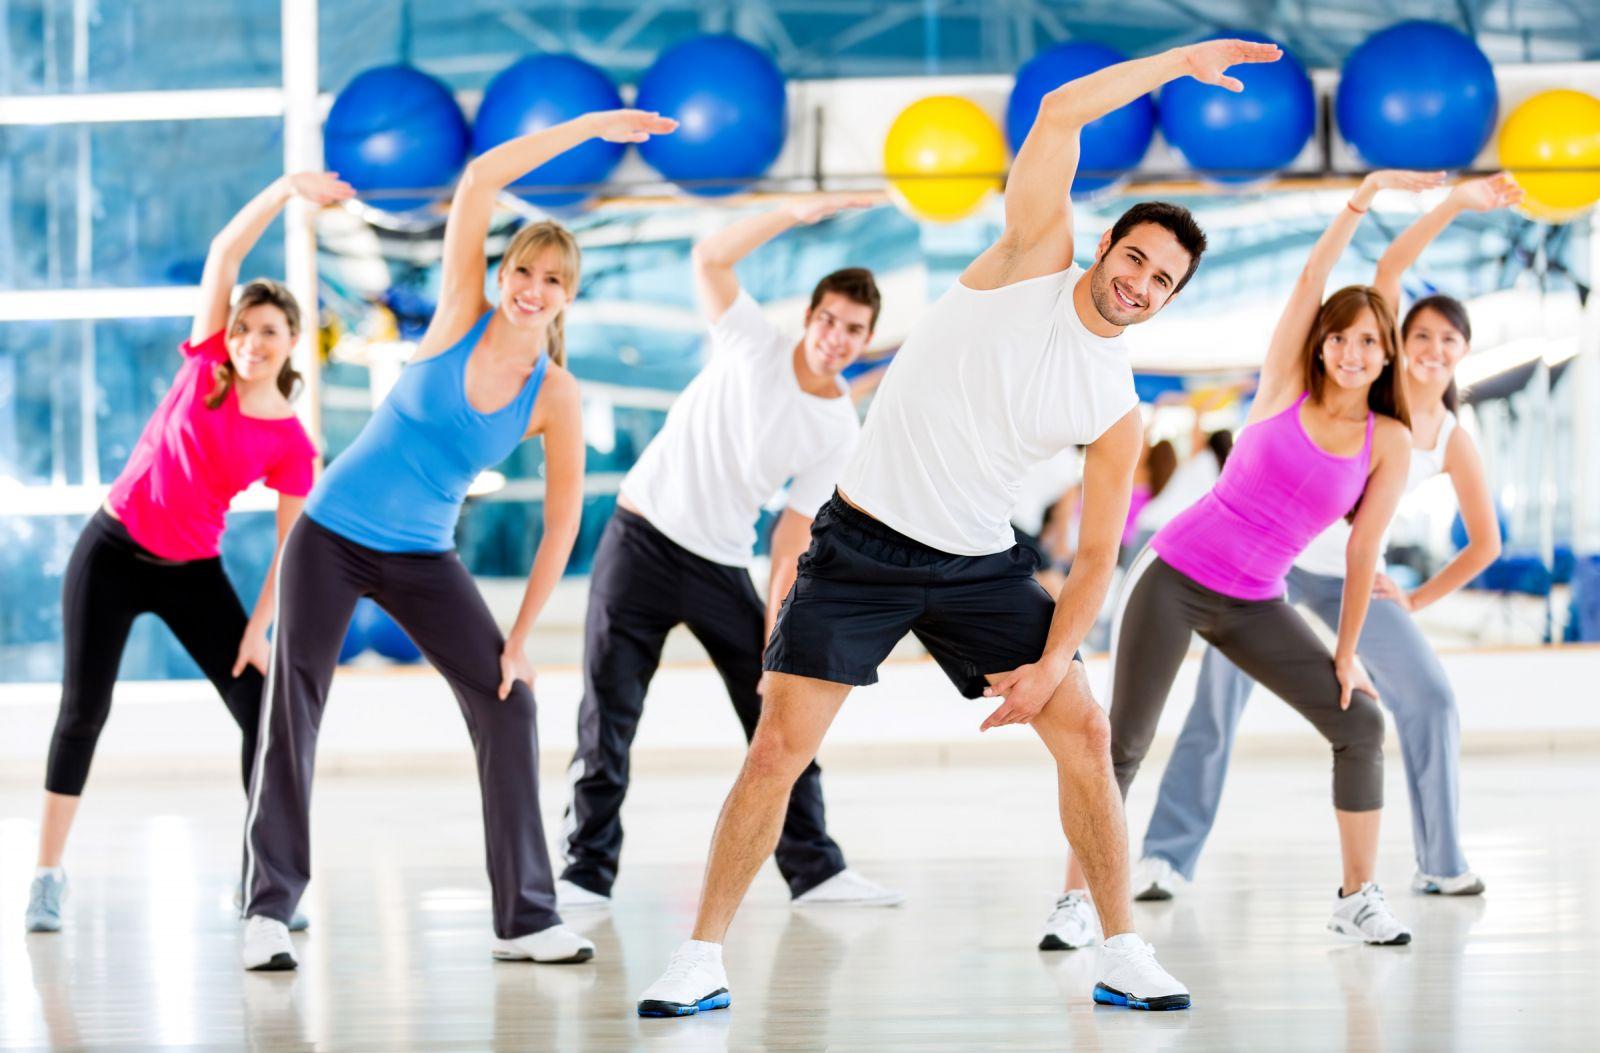 Kết quả hình ảnh cho luyện tập thể dục